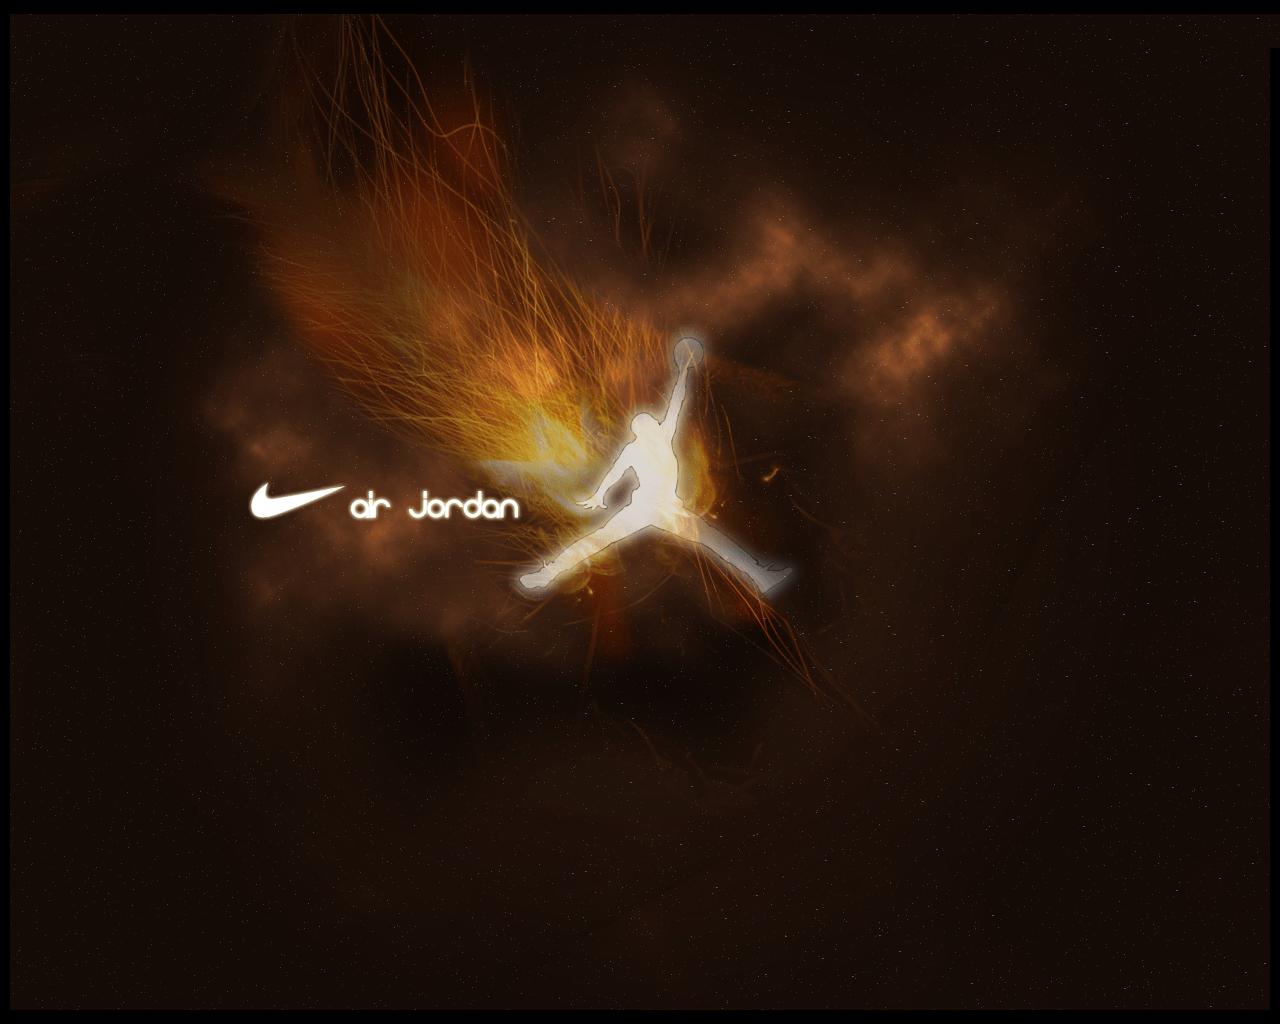 Air Jordan Wallpaper by Balla-Bdog on DeviantArt